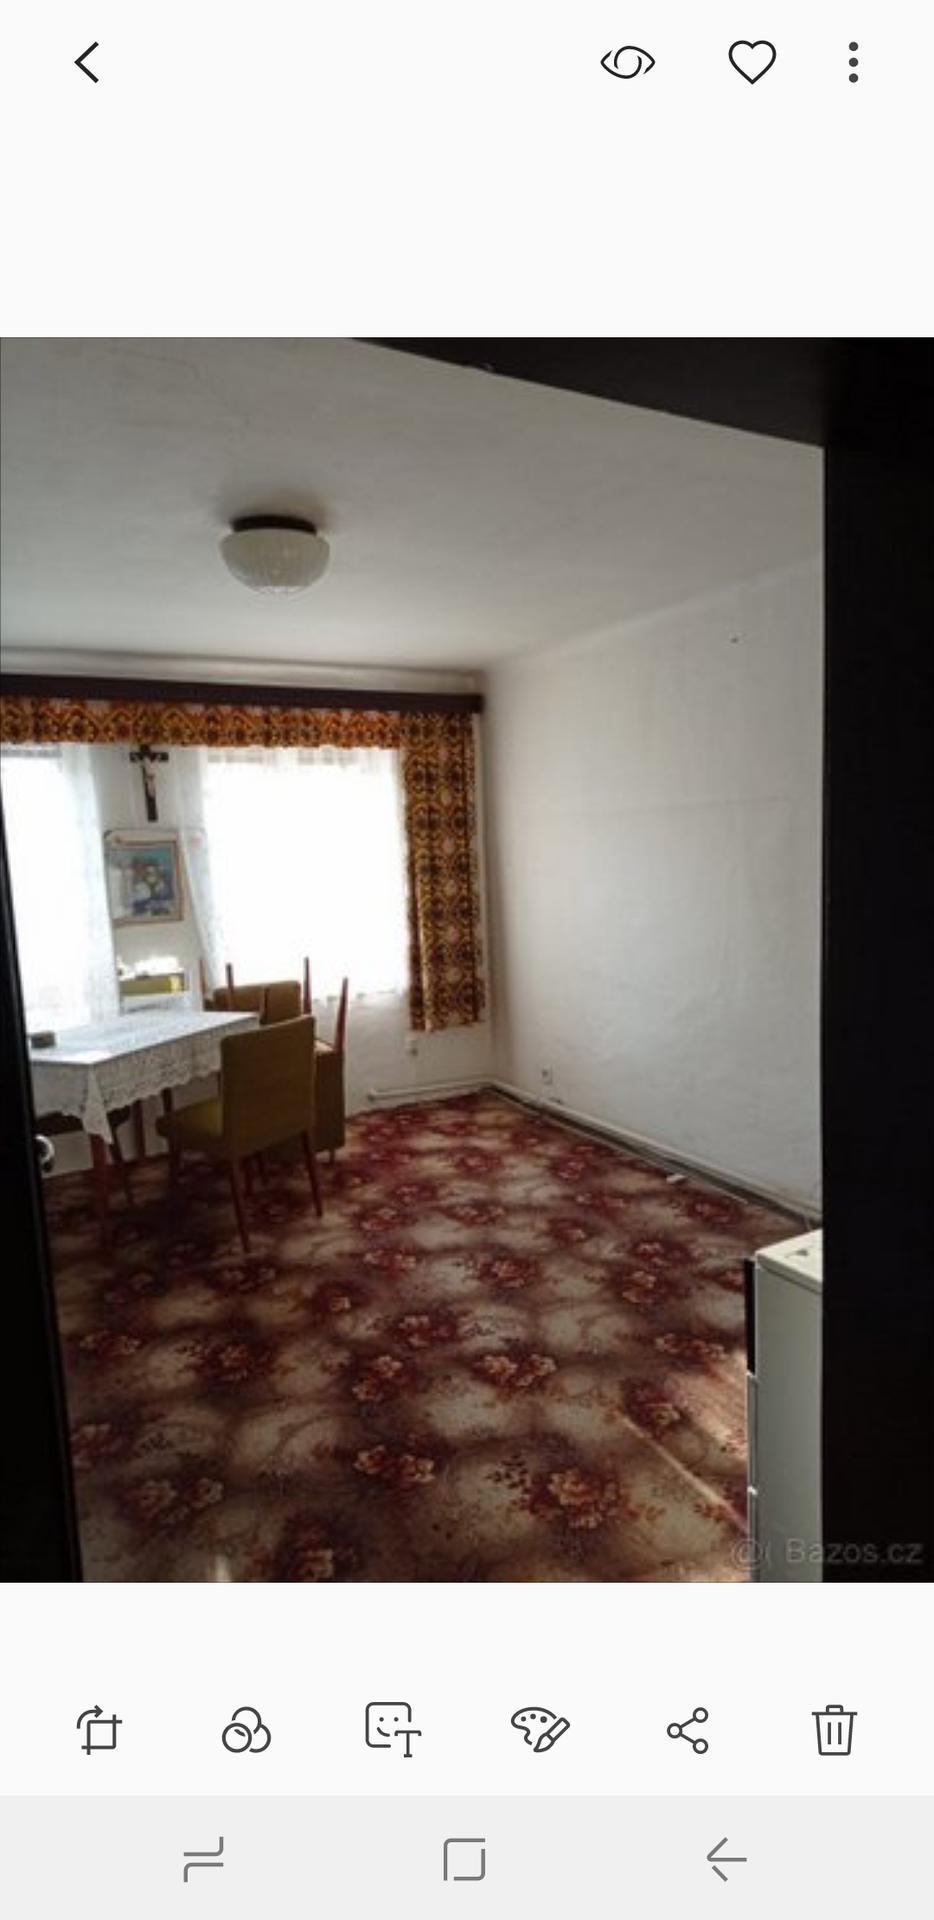 """Tak jedna místnost """" poléčená """" 😁 kdo zná, tak ví, že kancelář máme v podkroví u toho úžasného okna, teď ji stěhujem vedle na domeček - prostě dítě a kancelář doma nejdou dohromady 😂🙏 - Obrázek č. 1"""